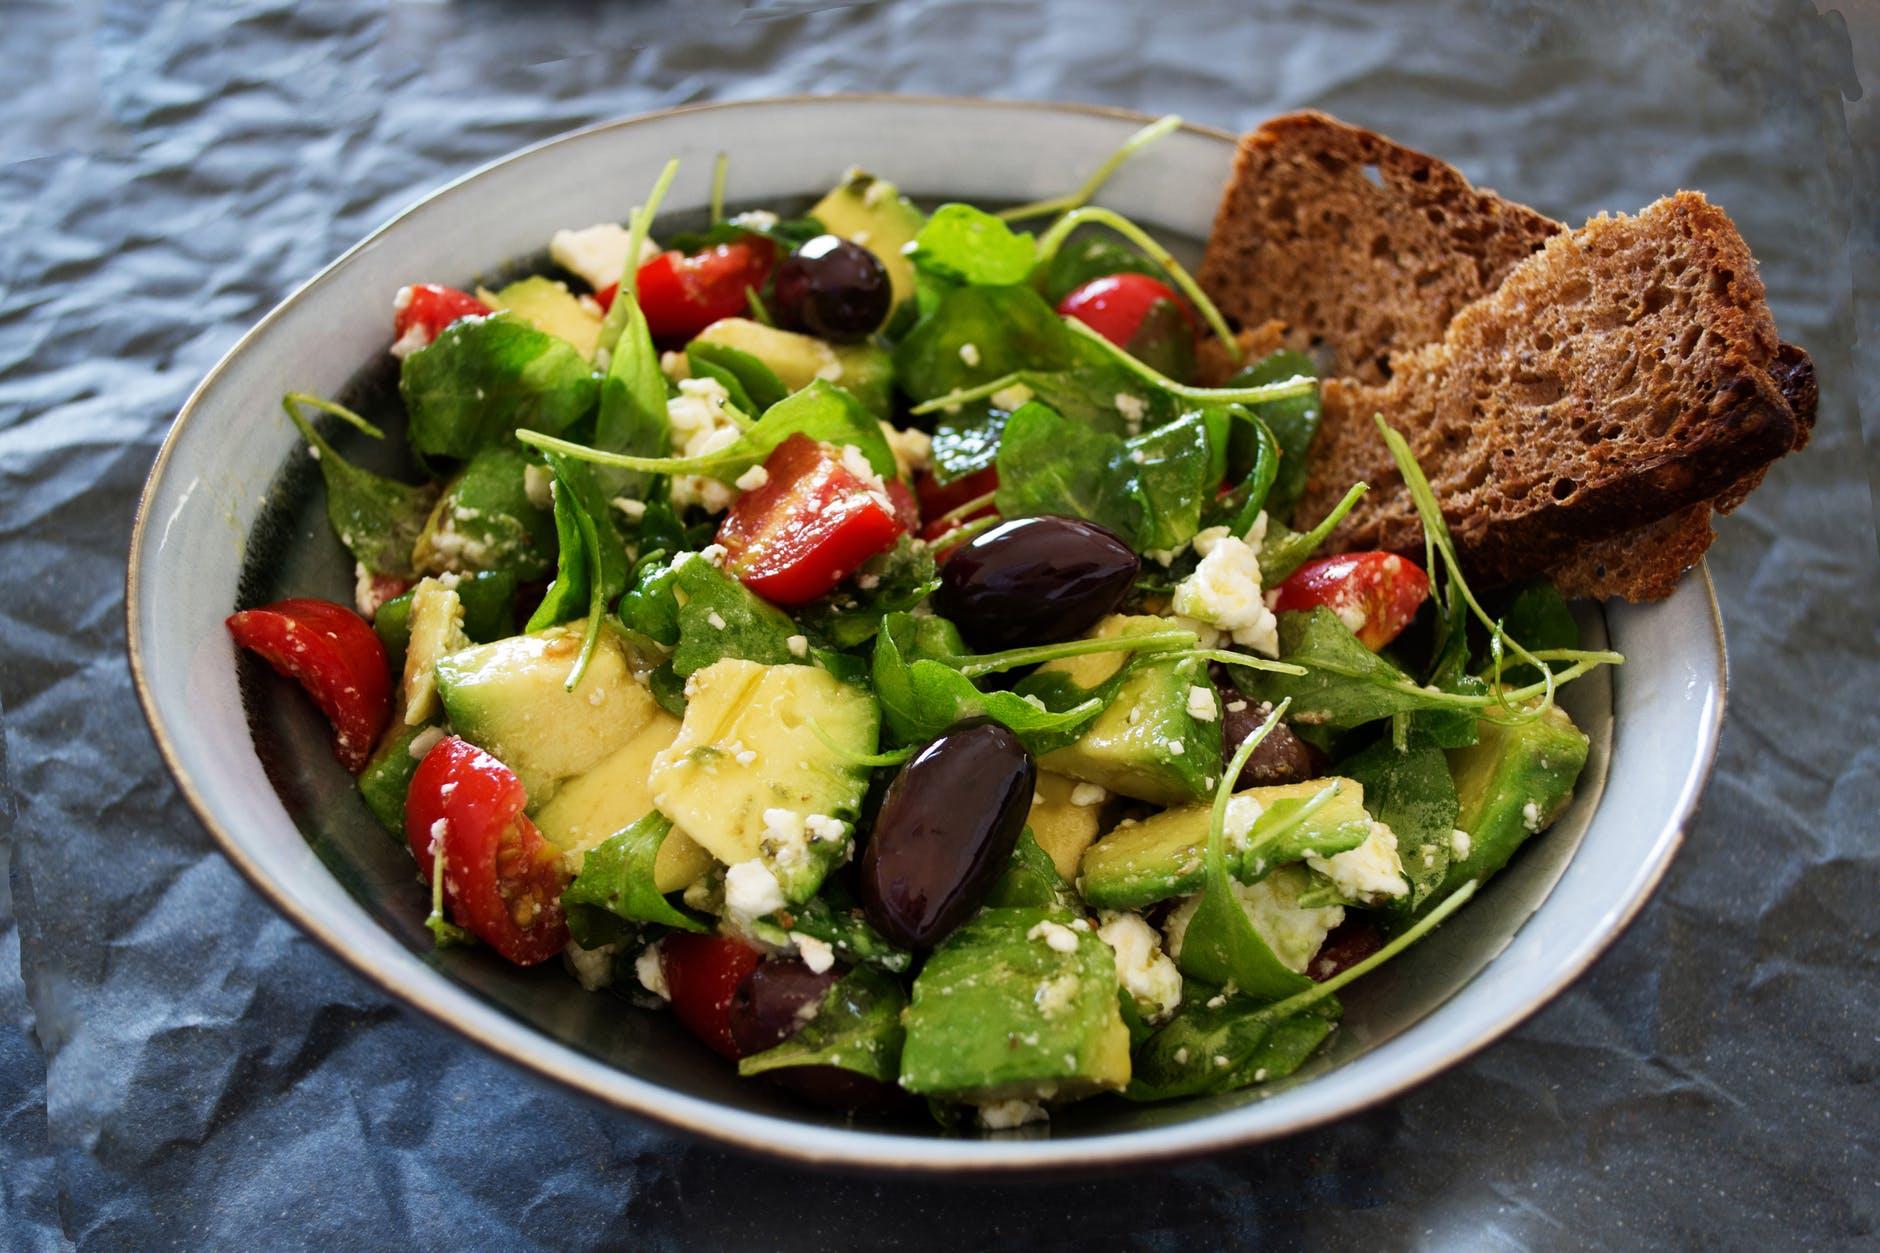 ensaladas con aguacate fáciles y ricas para hacer en casa, ensalada con verduras, tomates y aceitunas negras